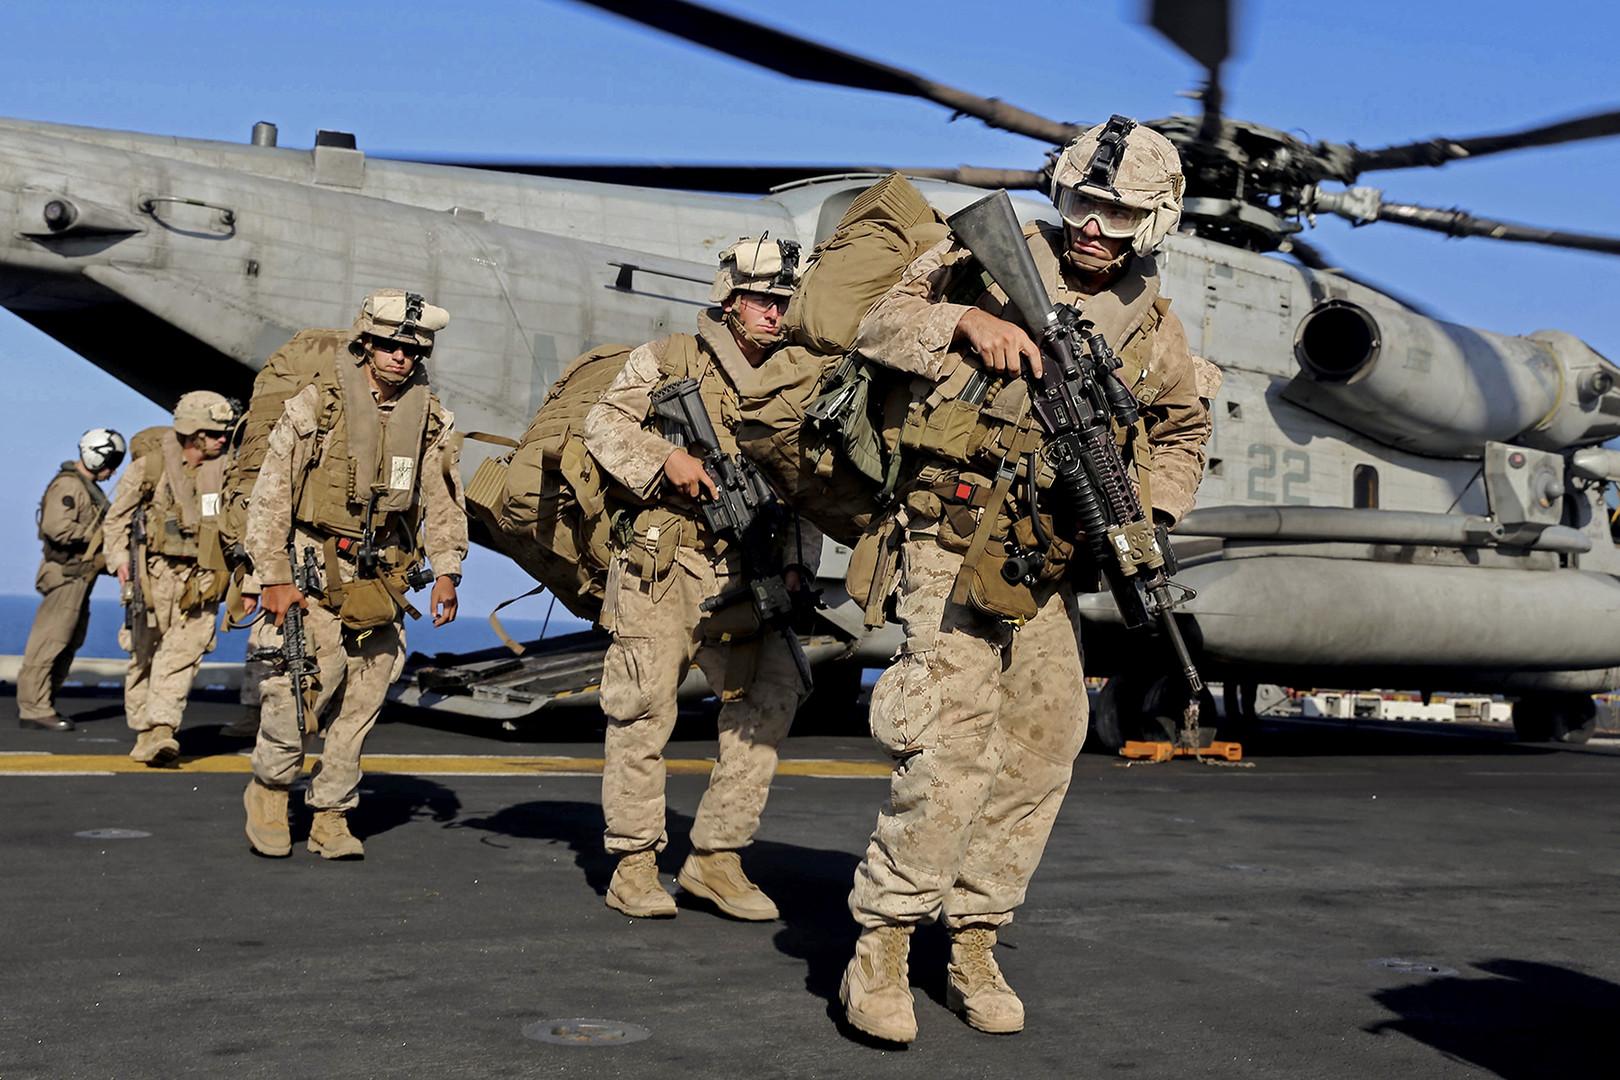 نيويورك تايمز: البنتاغون يستعد لإرسال 120 ألف جندي إلى الشرق الأوسط